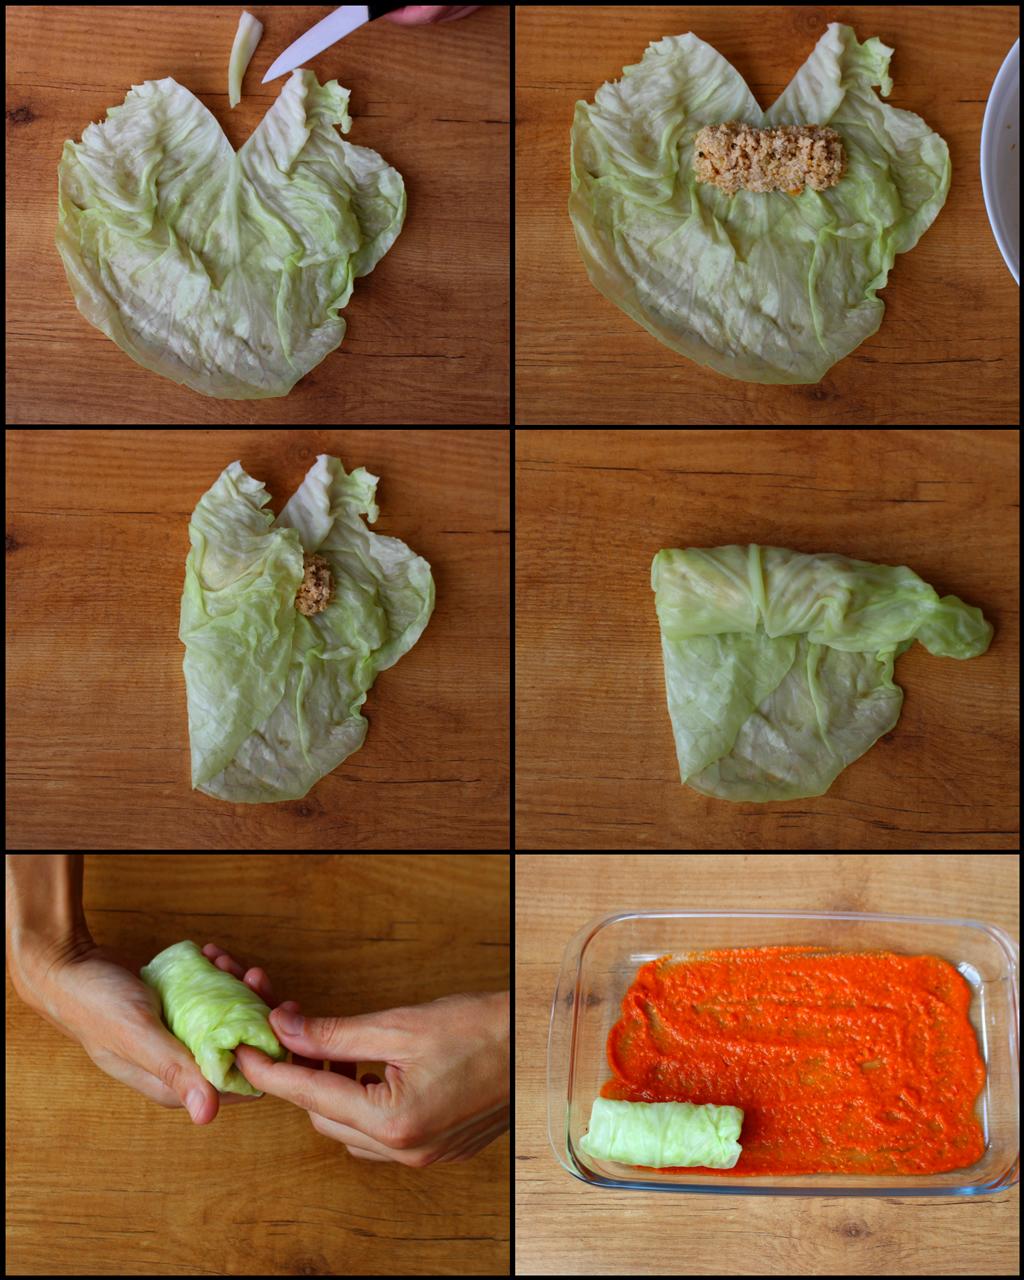 Rollitos de Col Rellenos Fit (hojas de repollo con carne y quinoa) (rellenado y enrollado de las hojas)